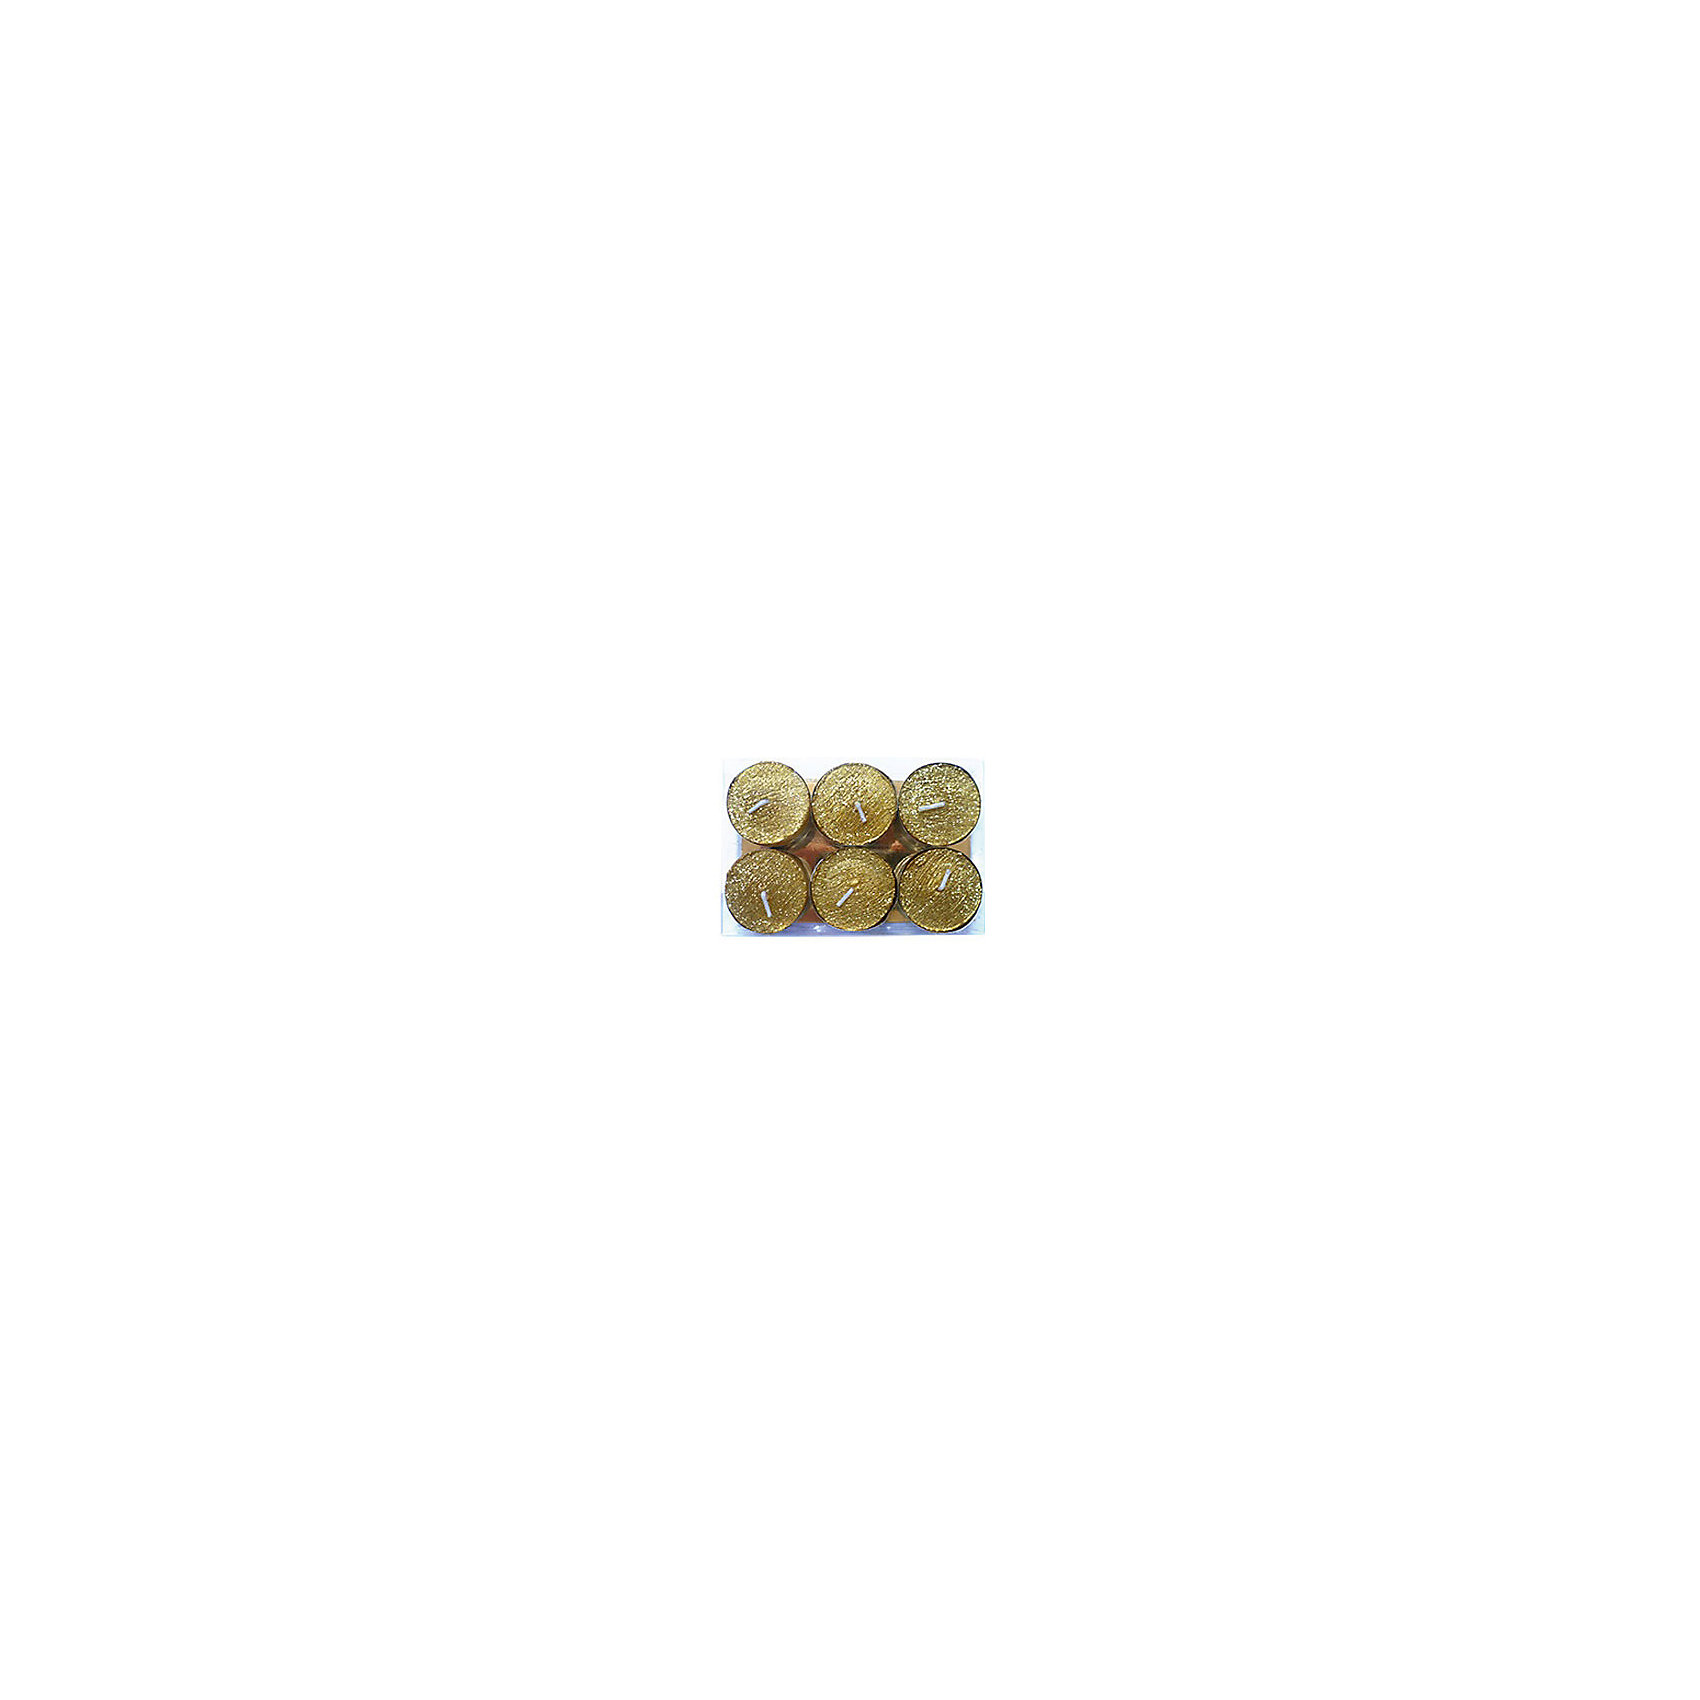 Marko Ferenzo Набор свечей 6 шт Новогодняя радость, золотой marko ferenzo набор желудей 3 шт grande 4 см золотой